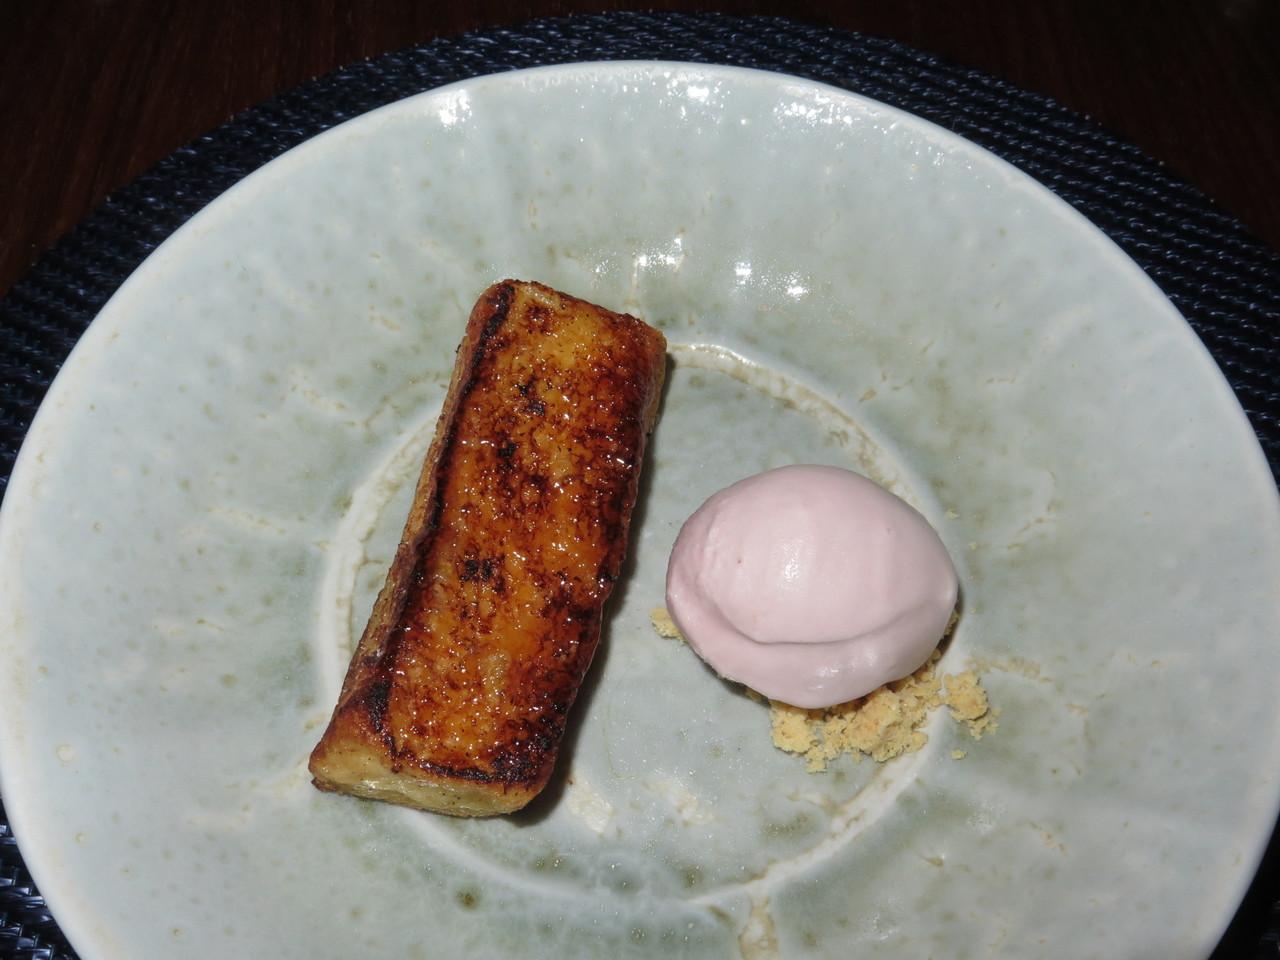 Rabanada de brioche e baunilha com maçã assada num gelado